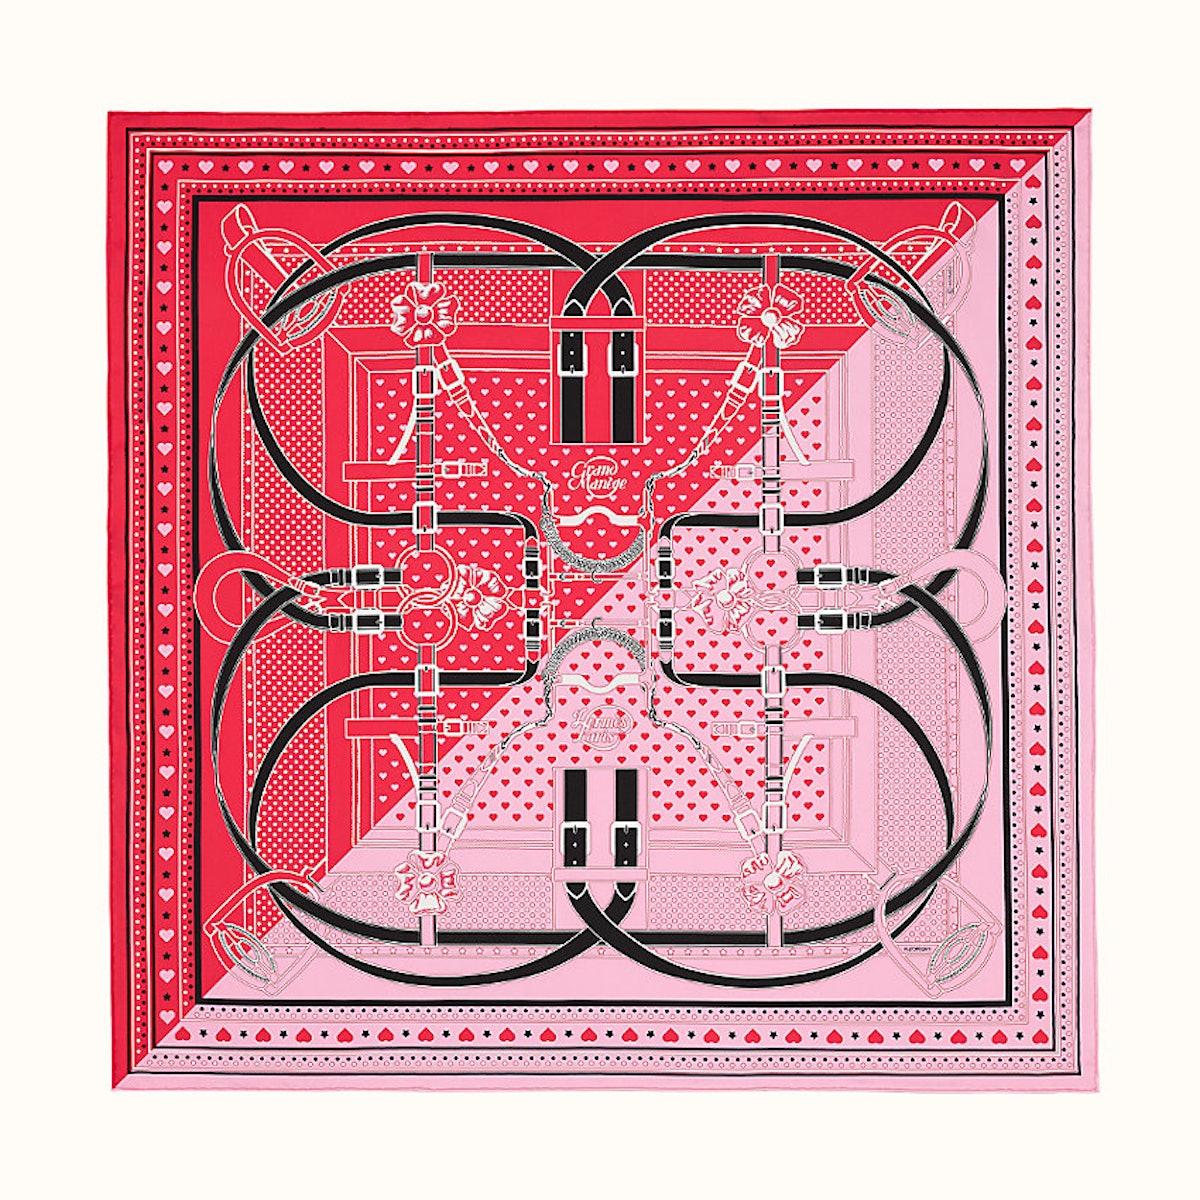 Hermes Grand Manege Bandana Love scarf 70